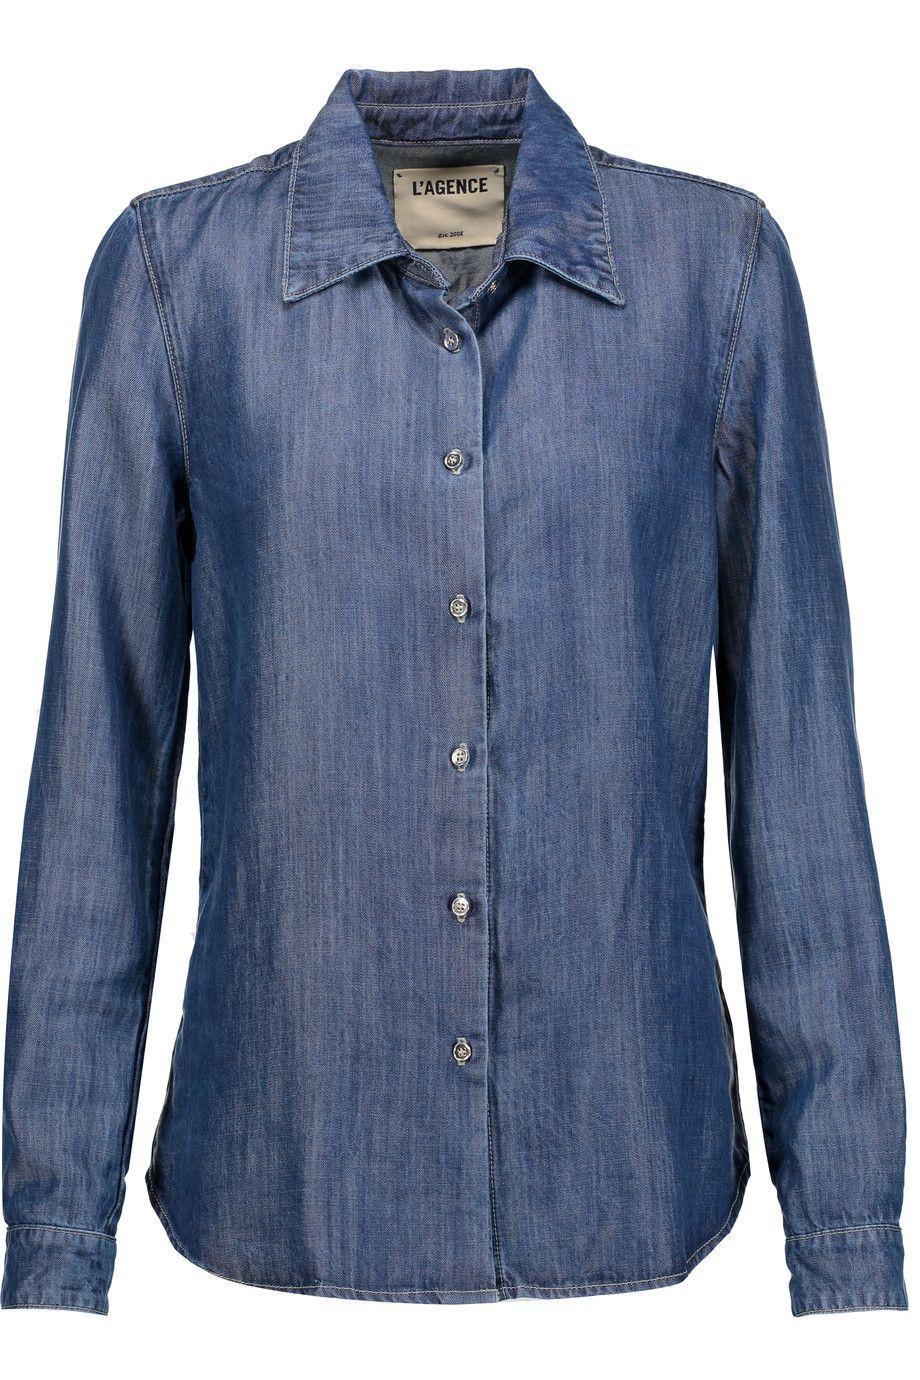 c64aa79229b6 L'AGENCE . #lagence #cloth #shirt | L'Agence | Shirts, Denim blouse ...